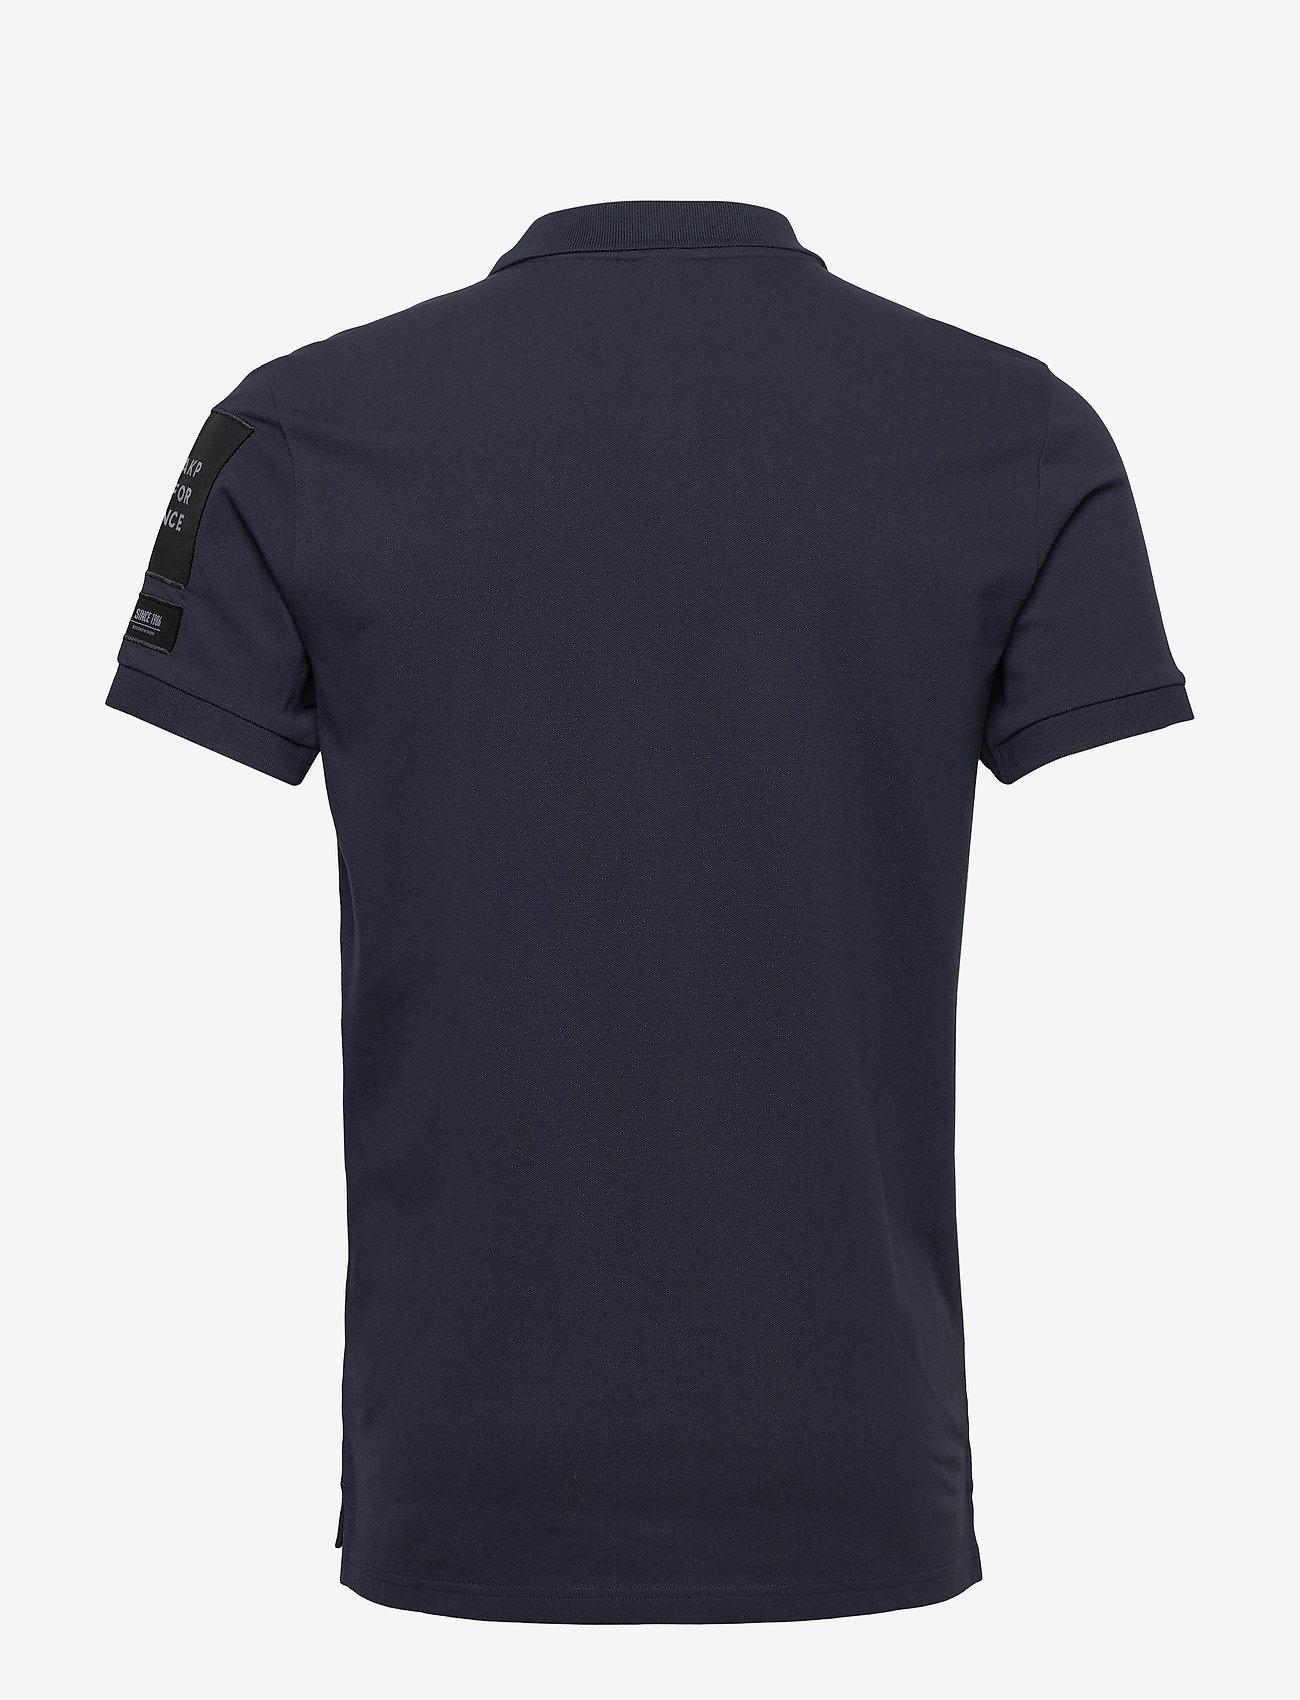 Peak Performance M Tech Pique - Poloskjorter BLUE SHADOW - Menn Klær